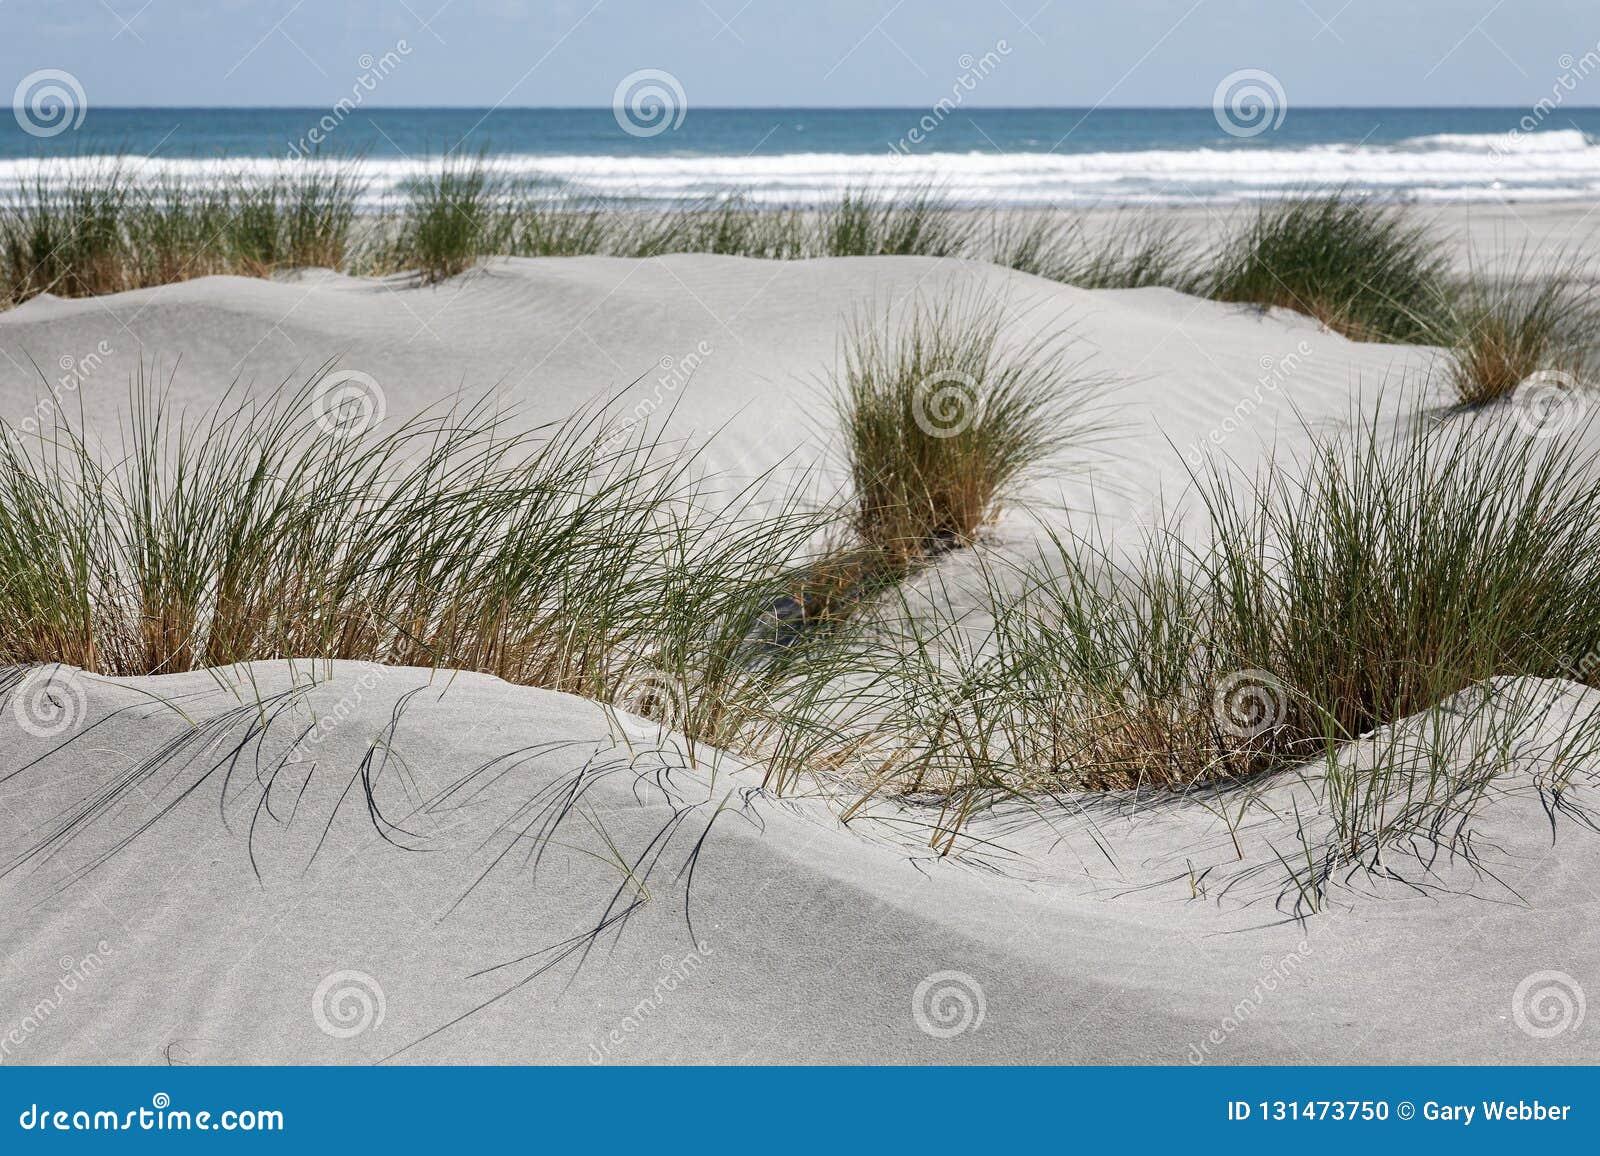 Dunes de sable et roseau des sables blancs, côte ouest, Nouvelle-Zélande